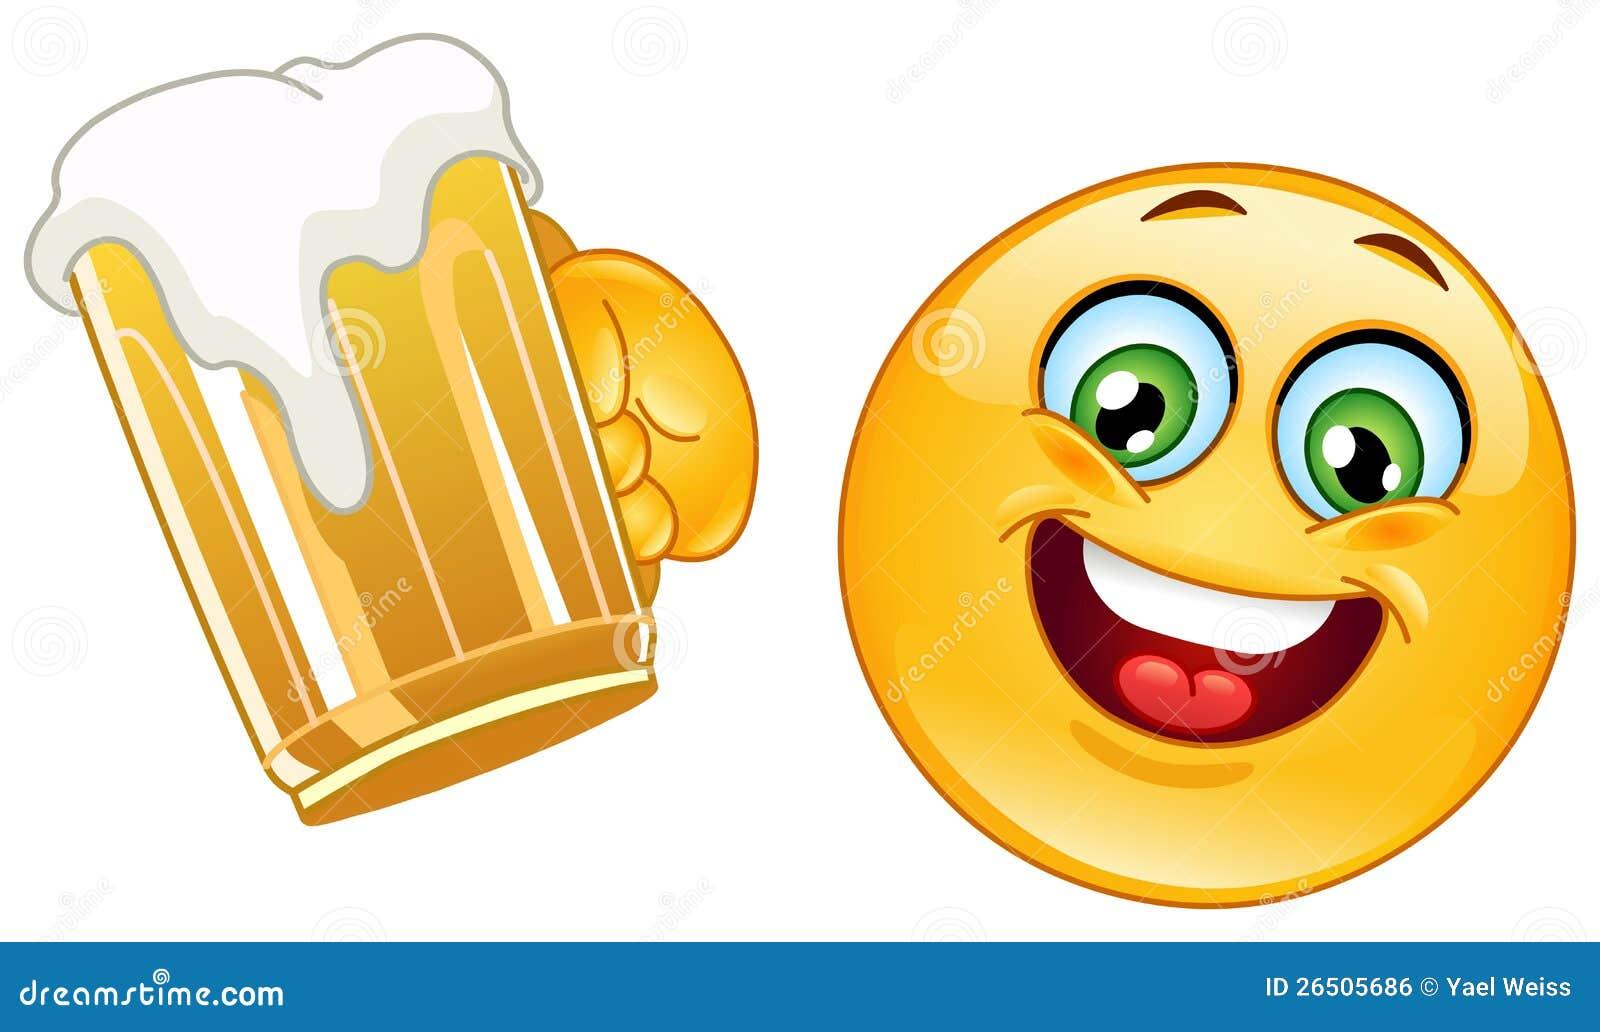 Risultato immagini per emoticon birra